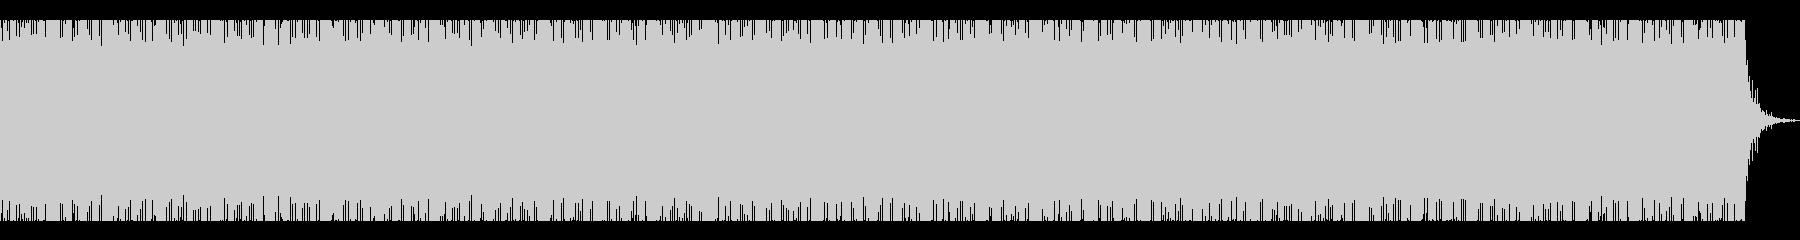 ハロウィンのおばけのBGMの未再生の波形